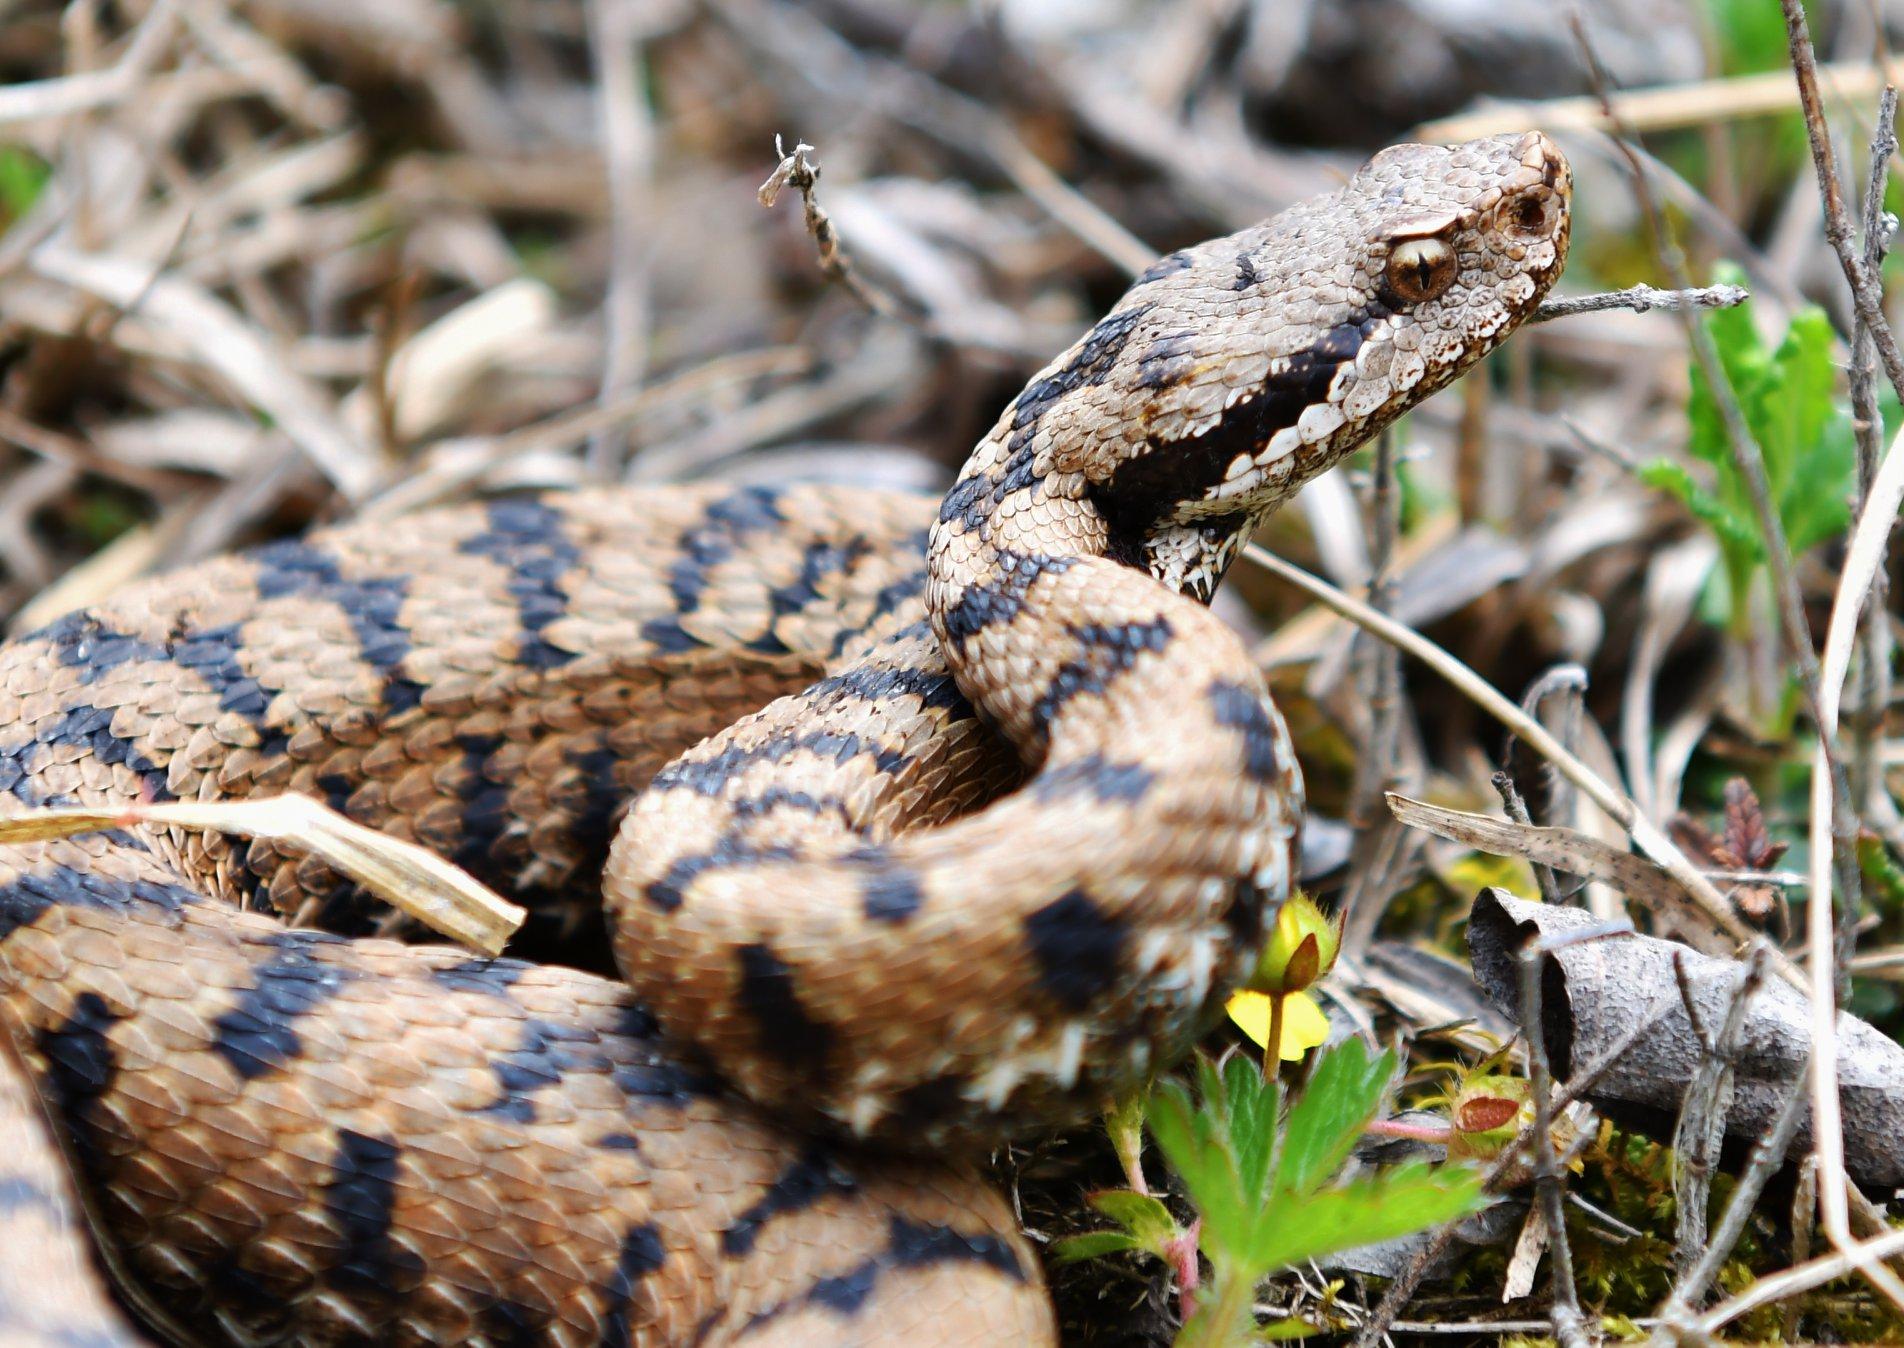 https://cdnfiles1.biolovision.net/www.faune-ain.org/userfiles/3070706716574632343424405608178723850289152o.jpg